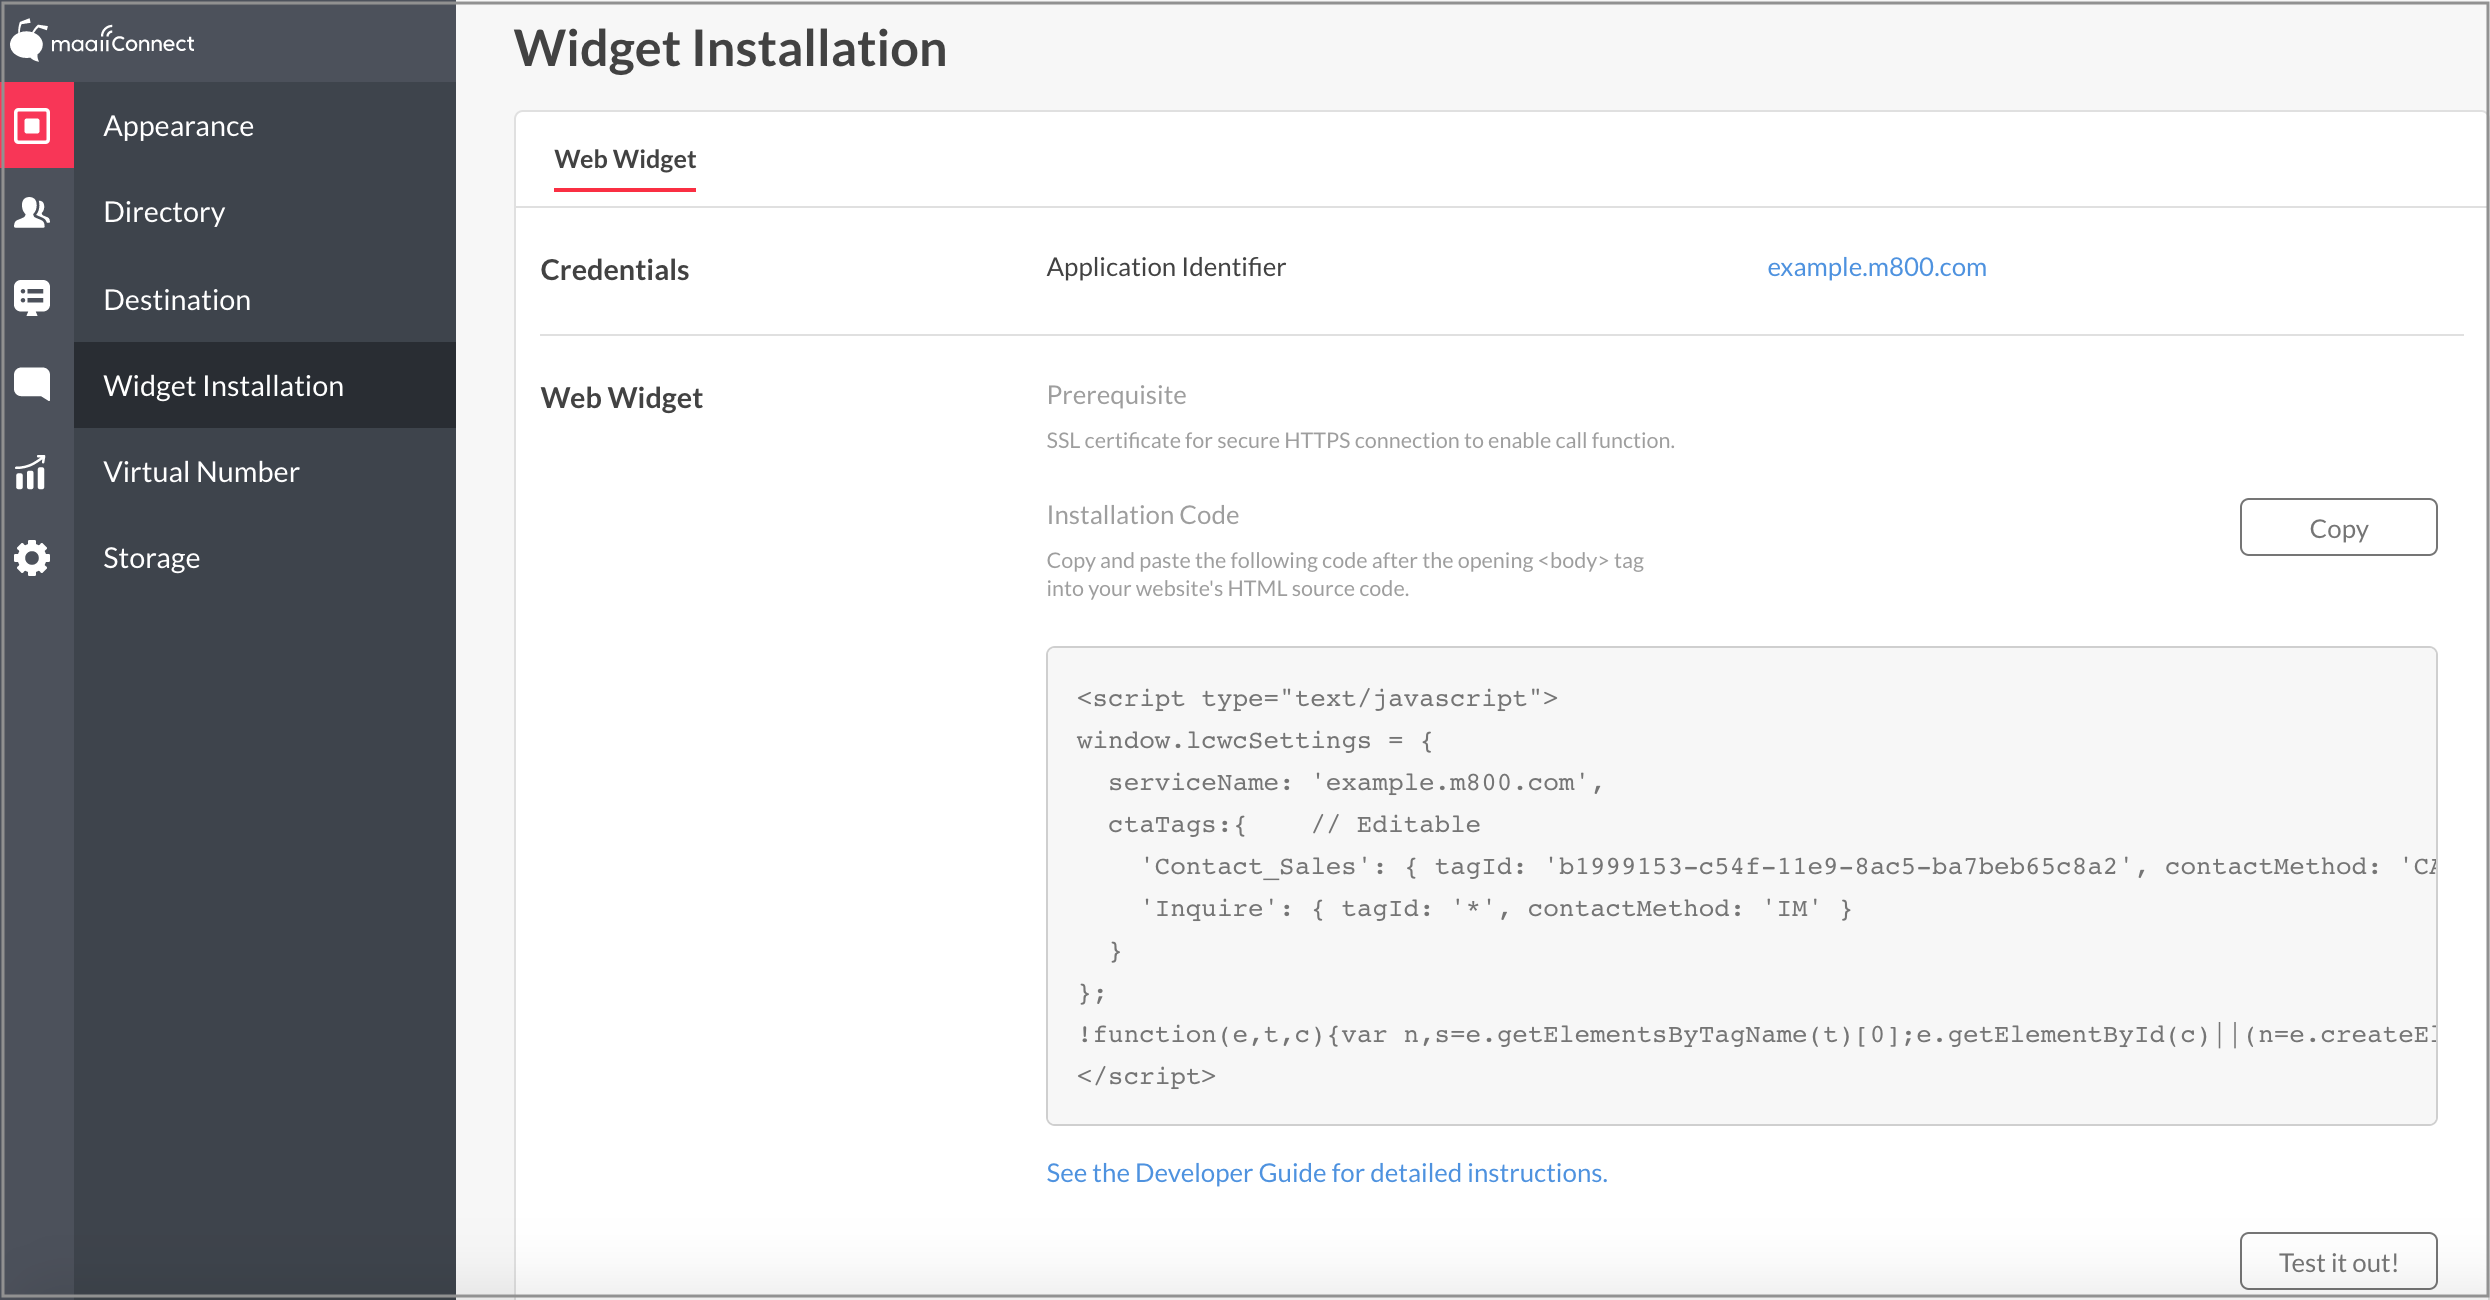 Widget Installation Page